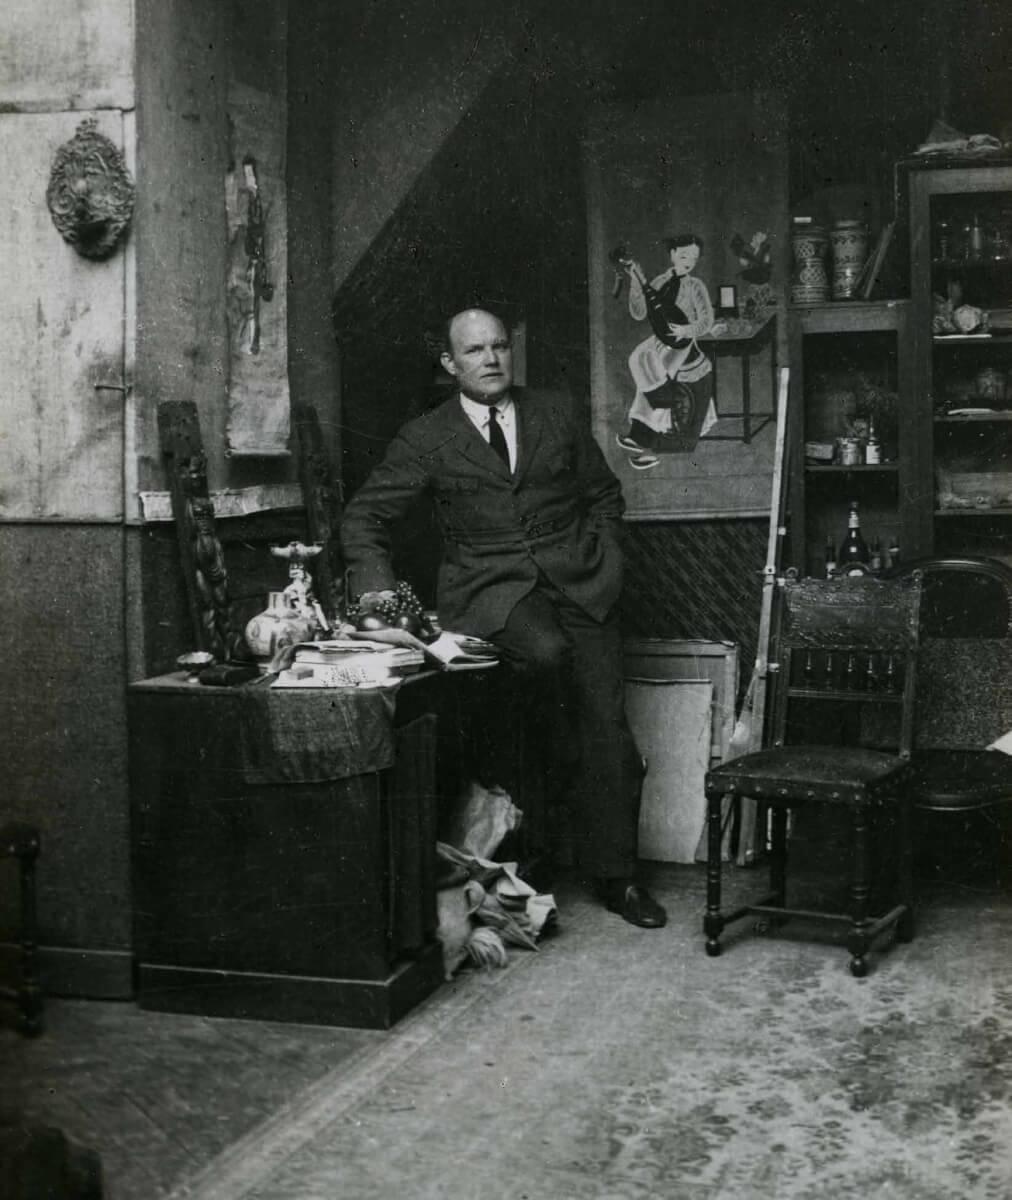 Porträtt av konstnären John Sten i inomhusmiljö. Han sitter lutad mot skrivbordet.